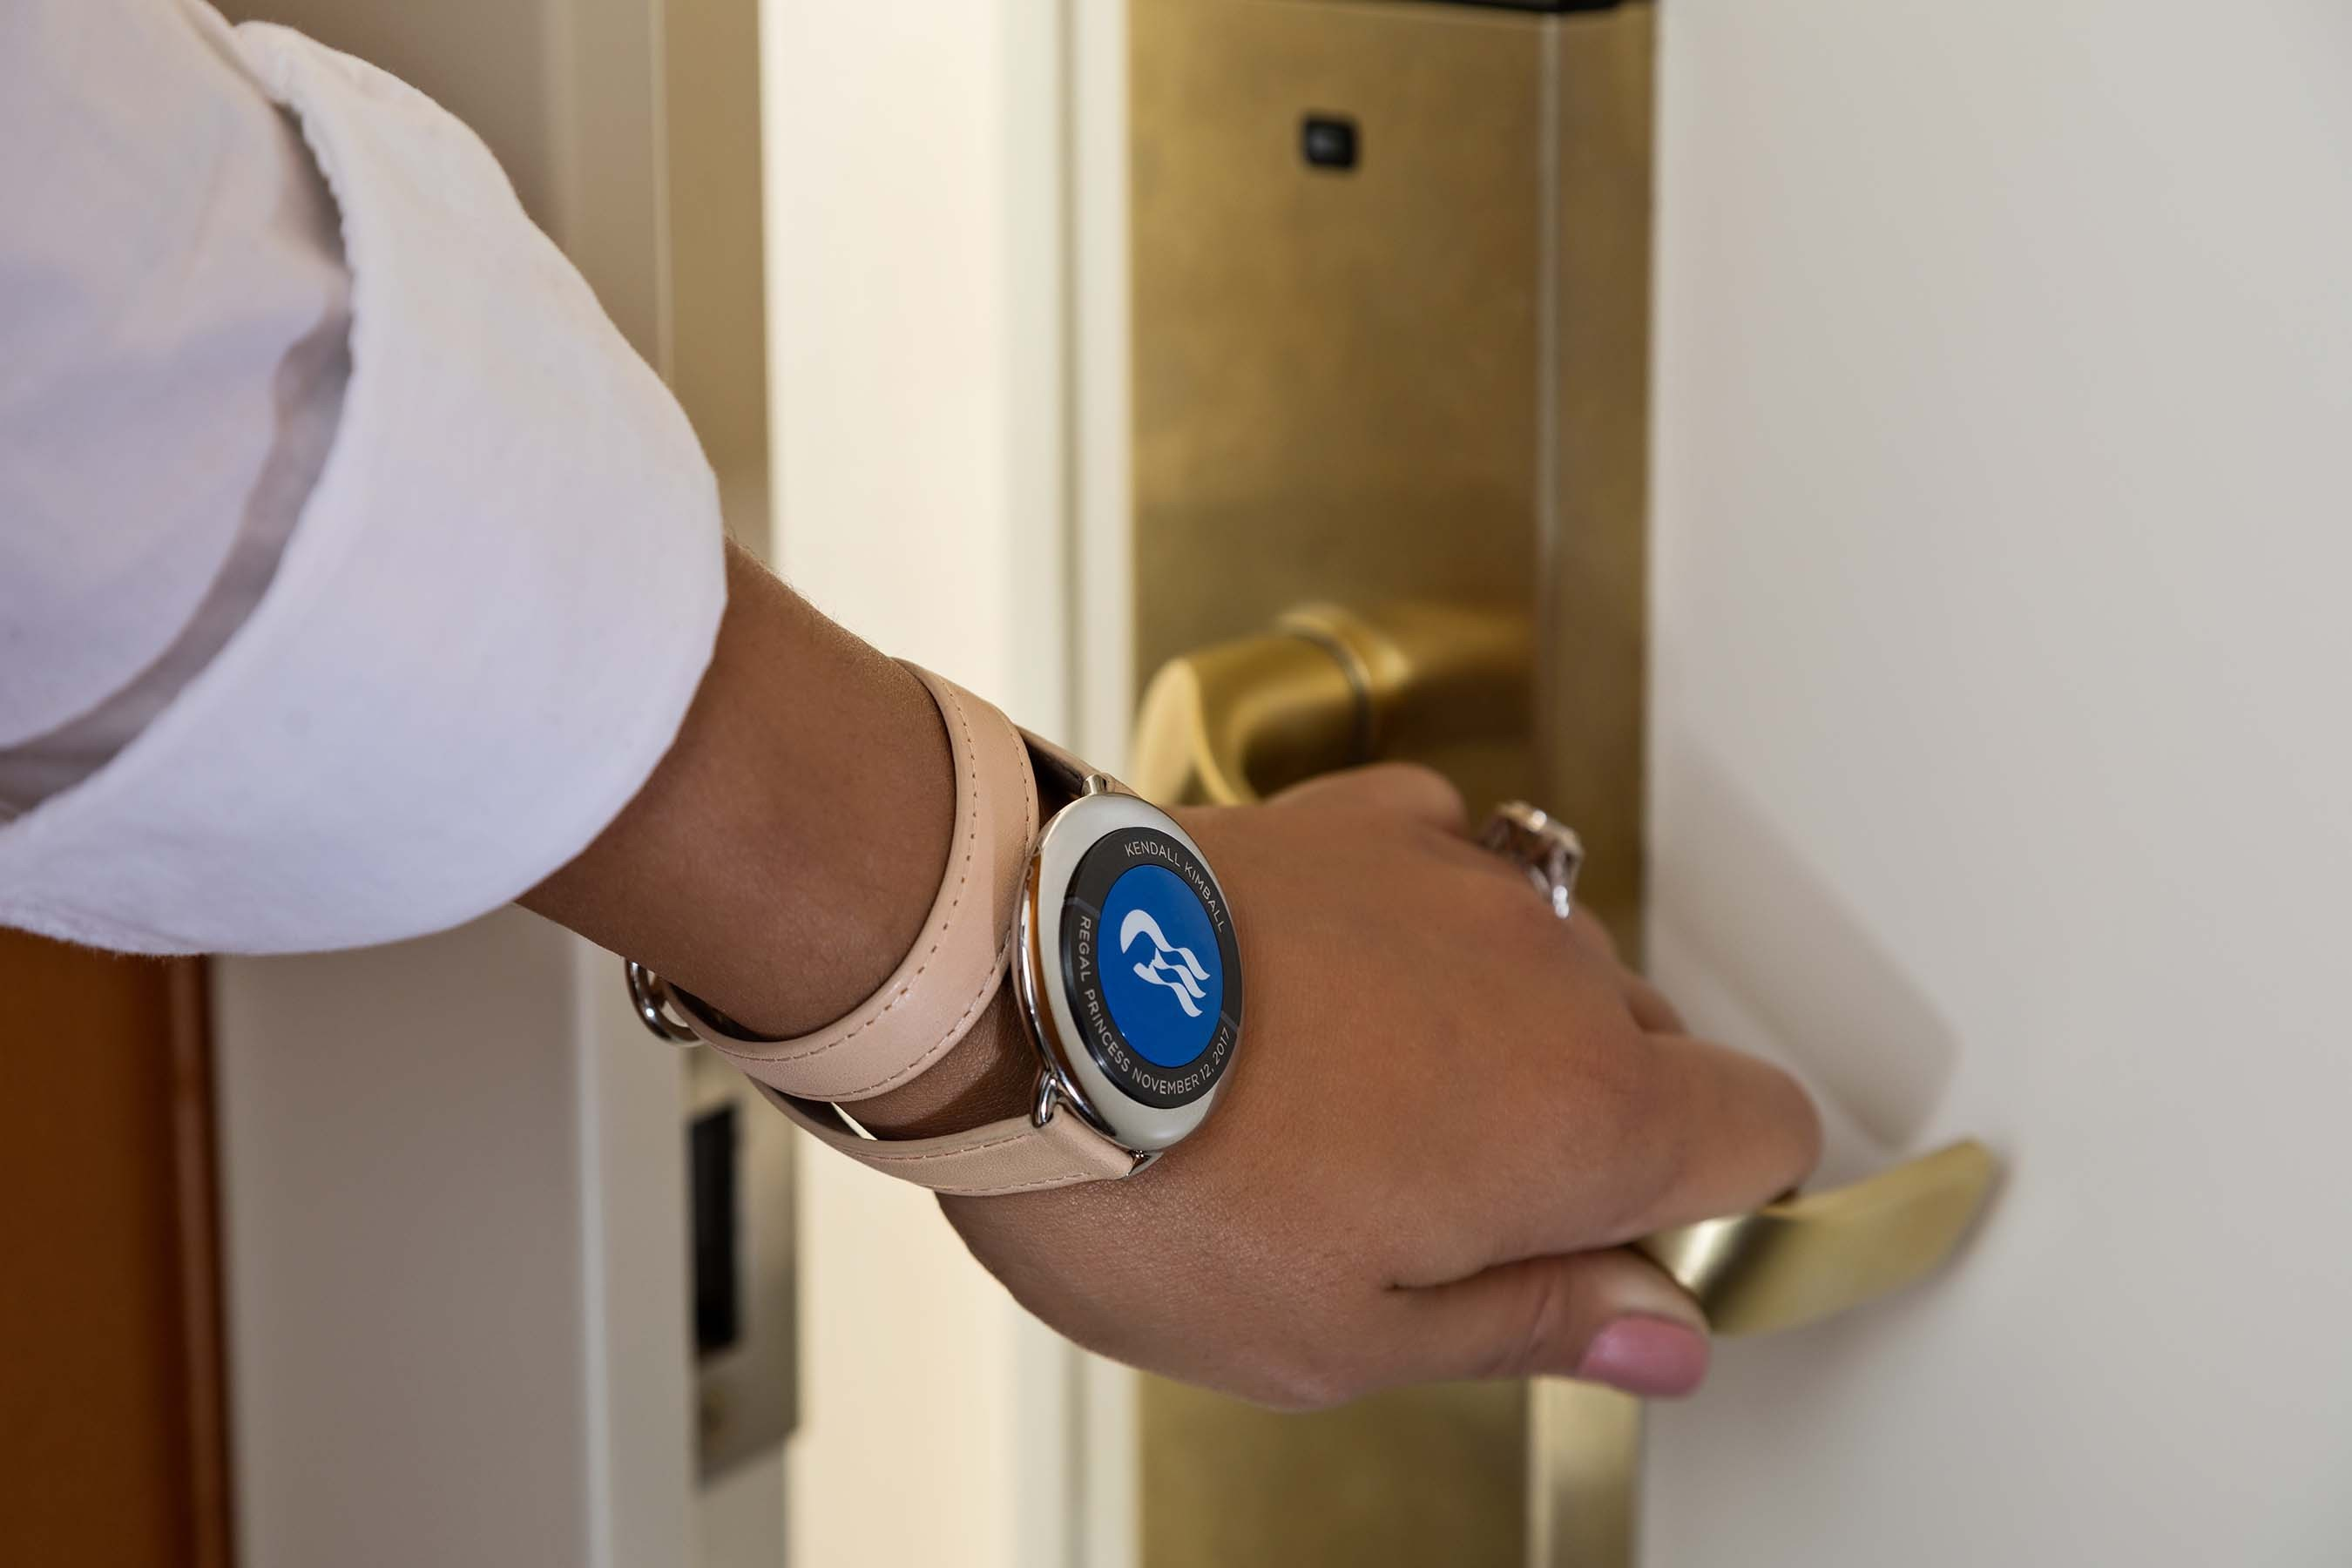 Der Smart Chip soll Passagieren die Kreuzfahrt erleichtern: schneller einchecken, Türen öffnen, bestellen, zahlen - und stets geortet werden.